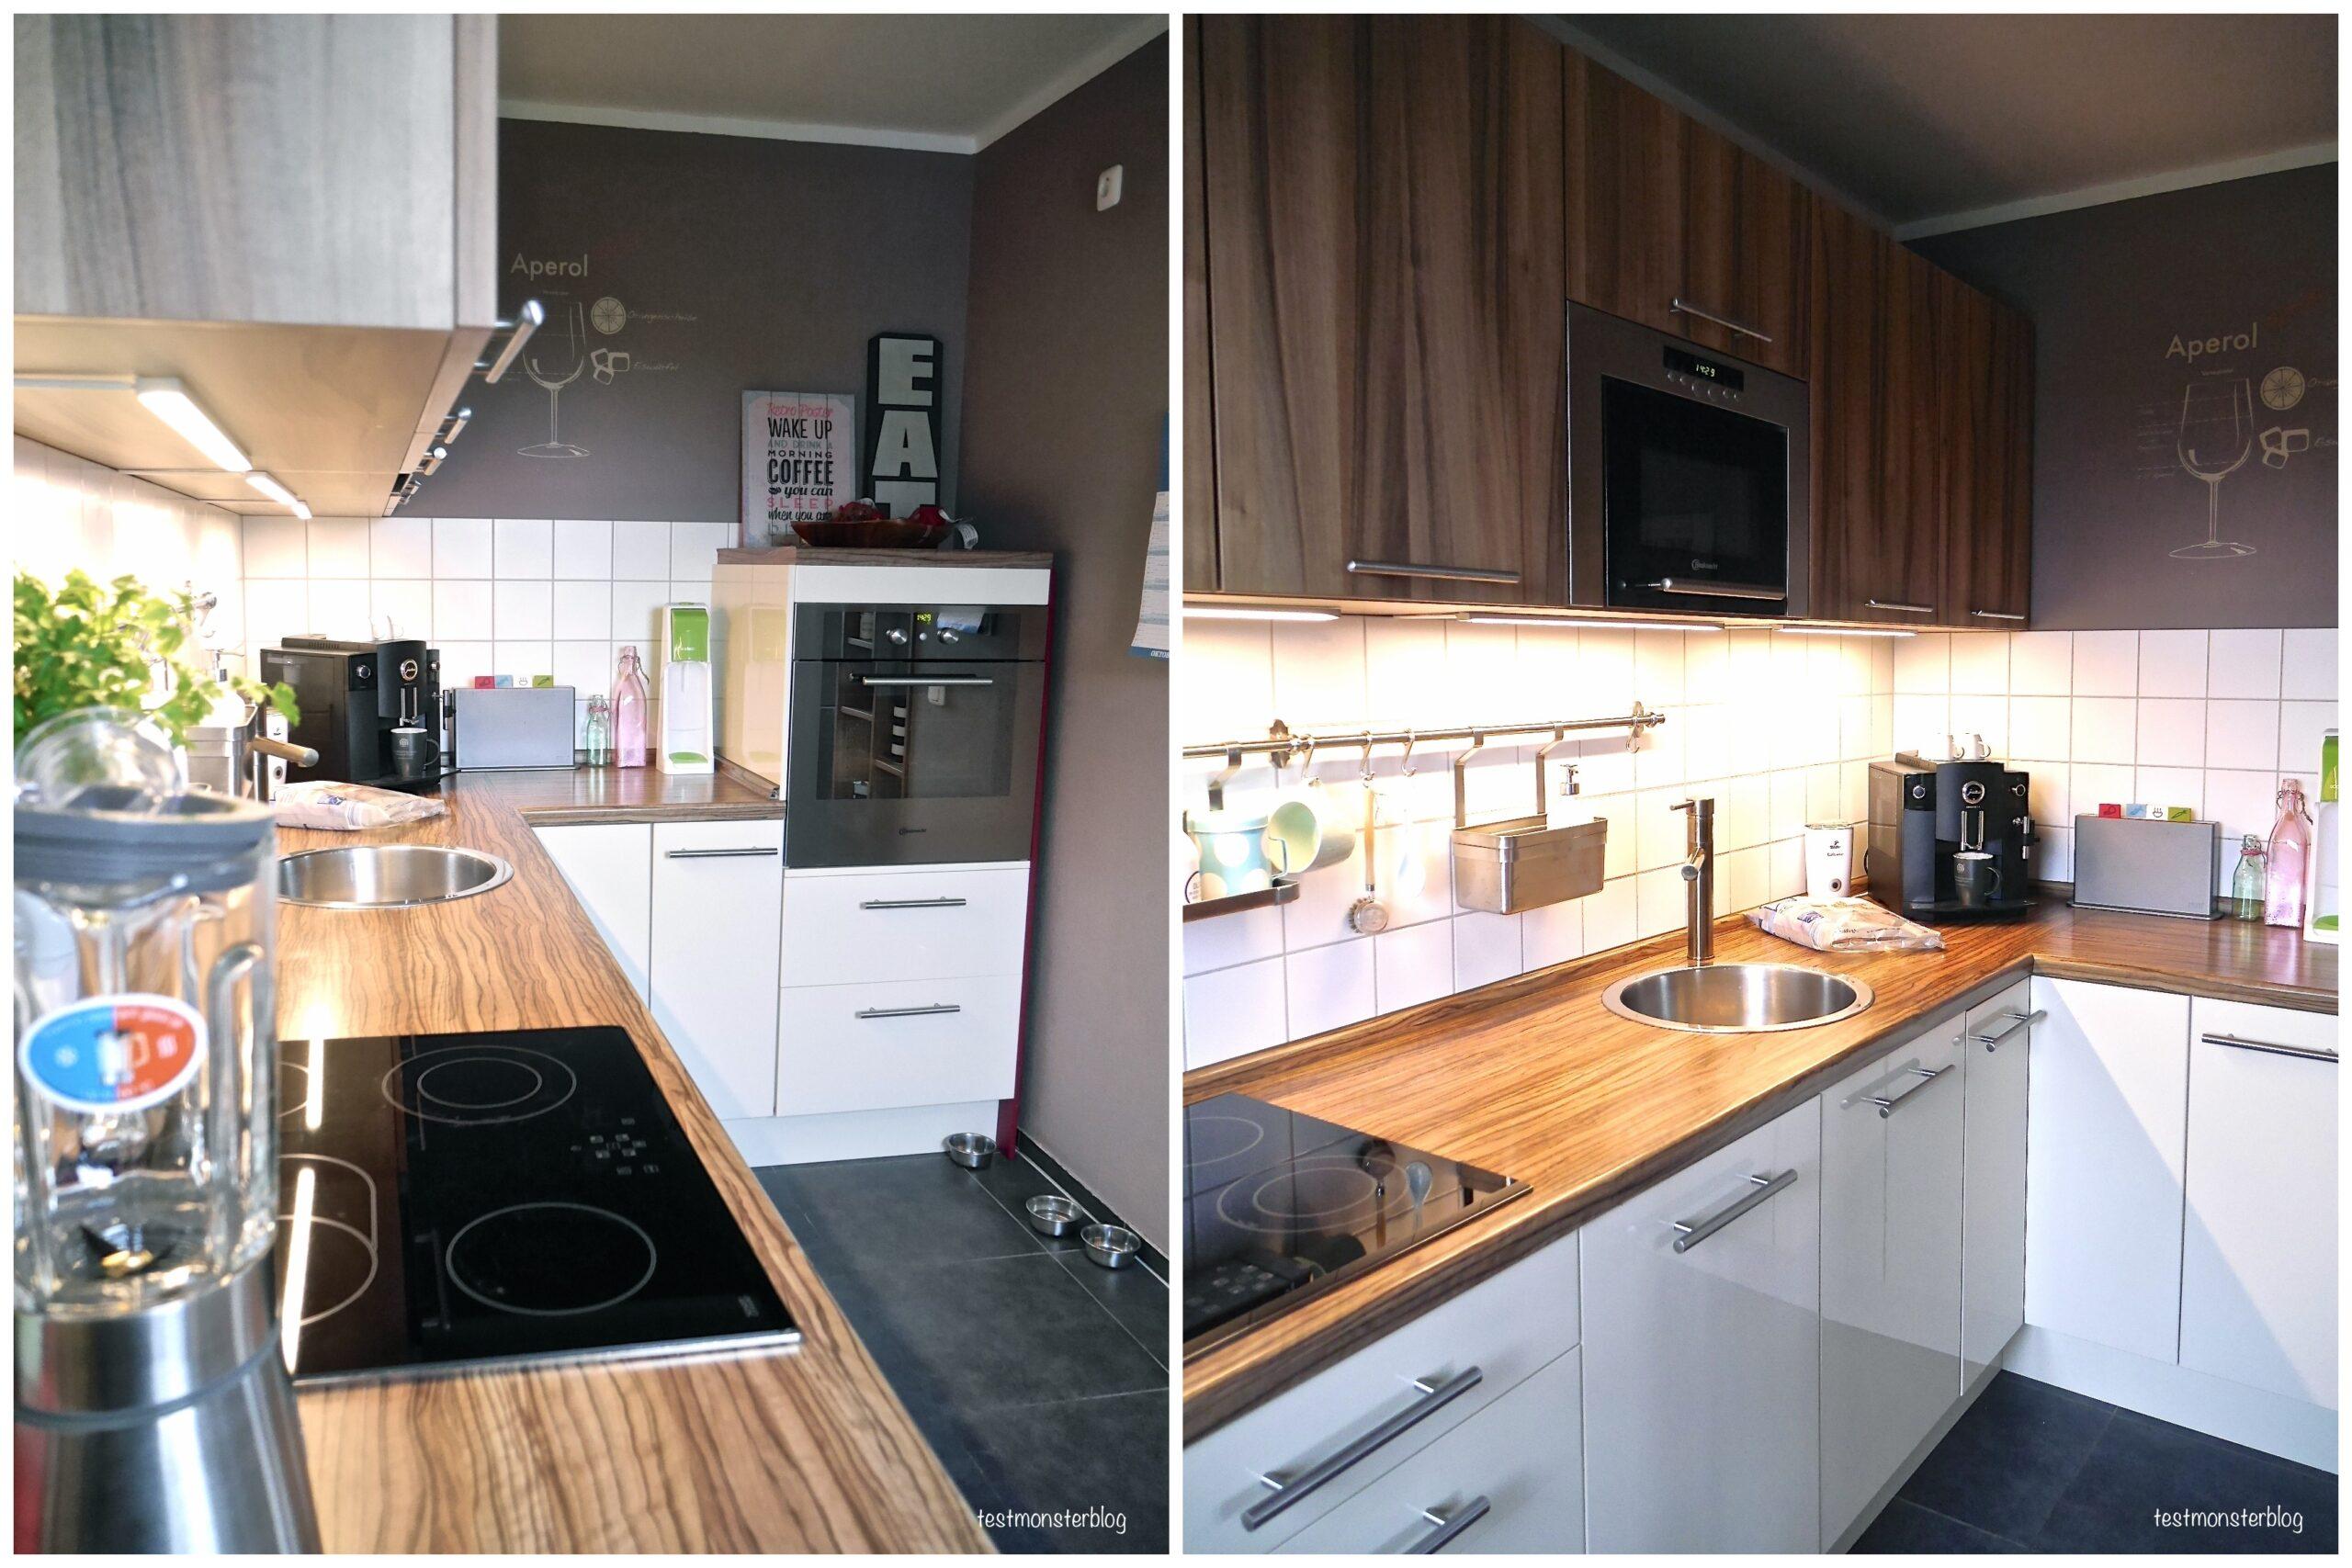 Full Size of Ikea Kche Metodplan Mich Bitte Selbst Klapptisch Küche Schlafzimmer Komplett Weiß Einbauküche Mit Elektrogeräten Betonoptik Betten Landhausstil Bett Wohnzimmer Ikea Küche Landhaus Weiß